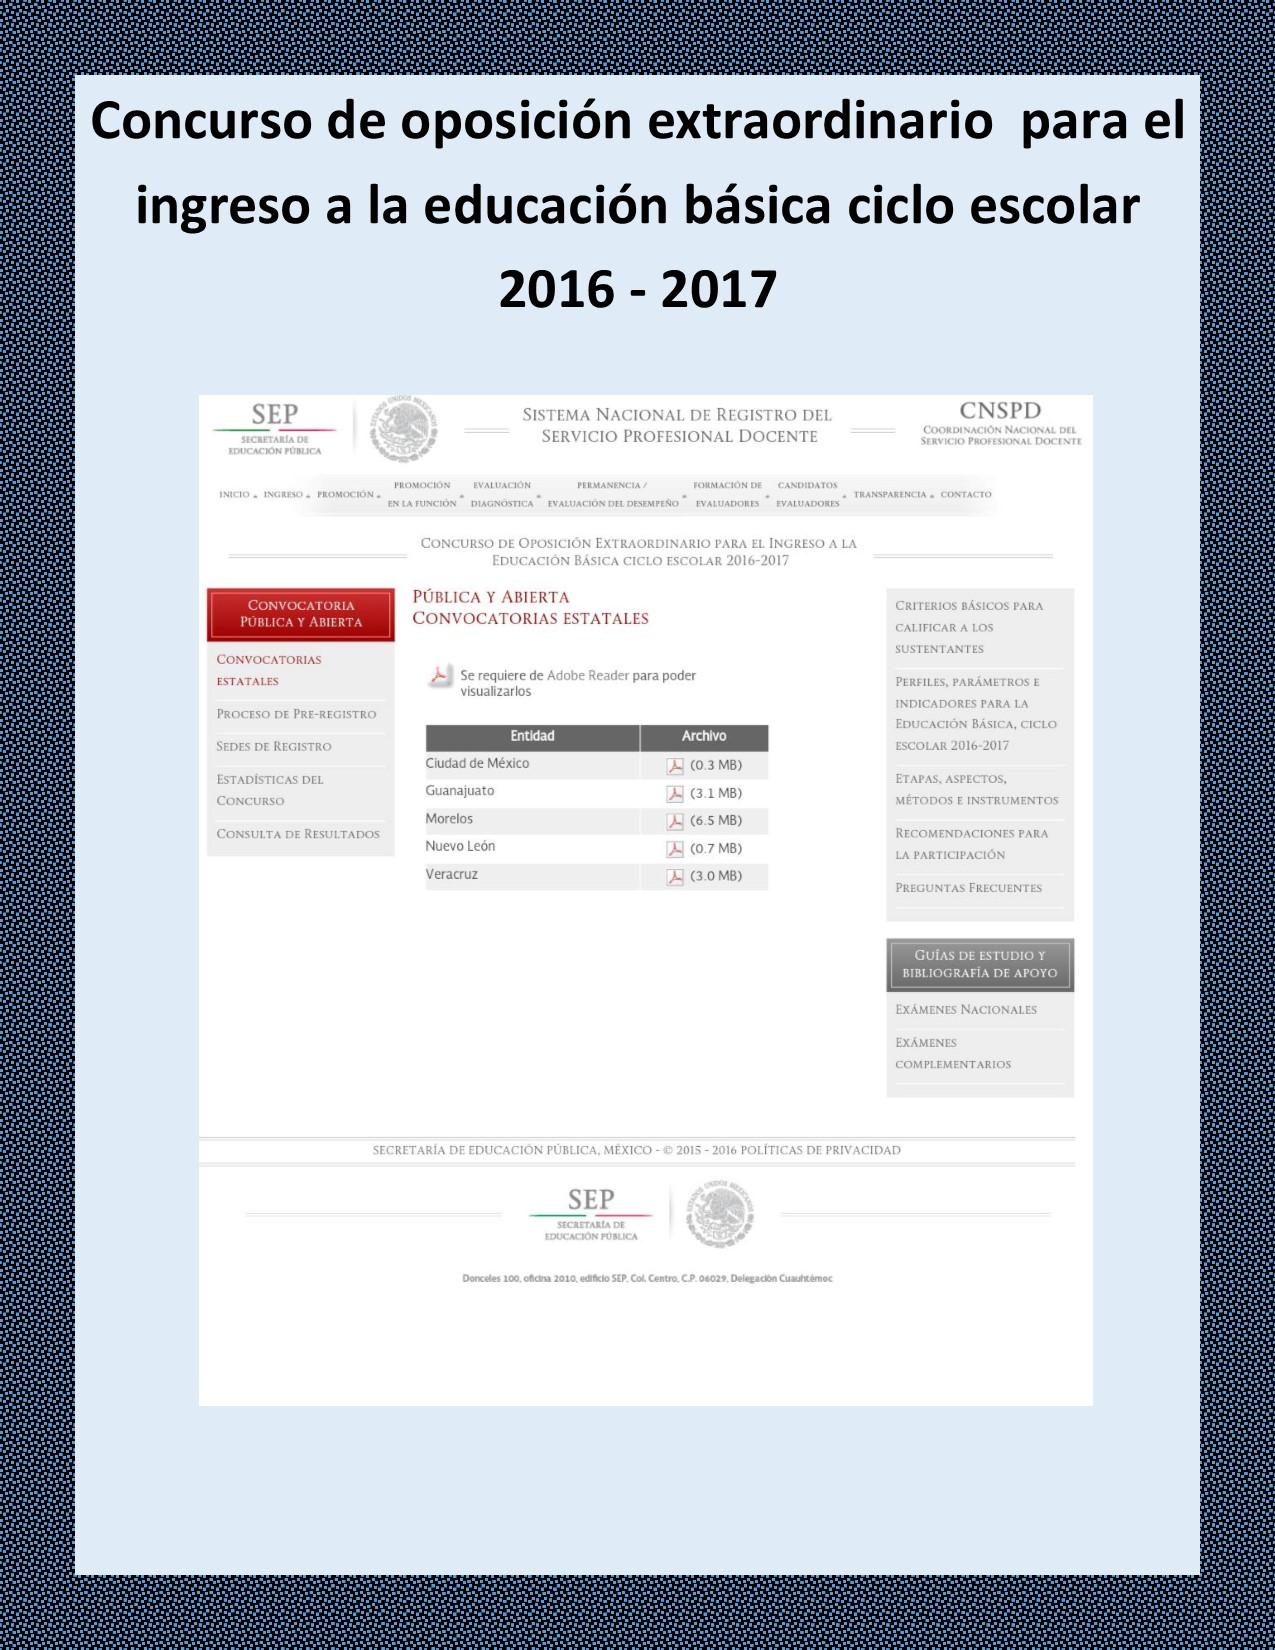 Concurso de oposici n extraordinario para el ingreso a la for Convocatoria concurso docente 2016